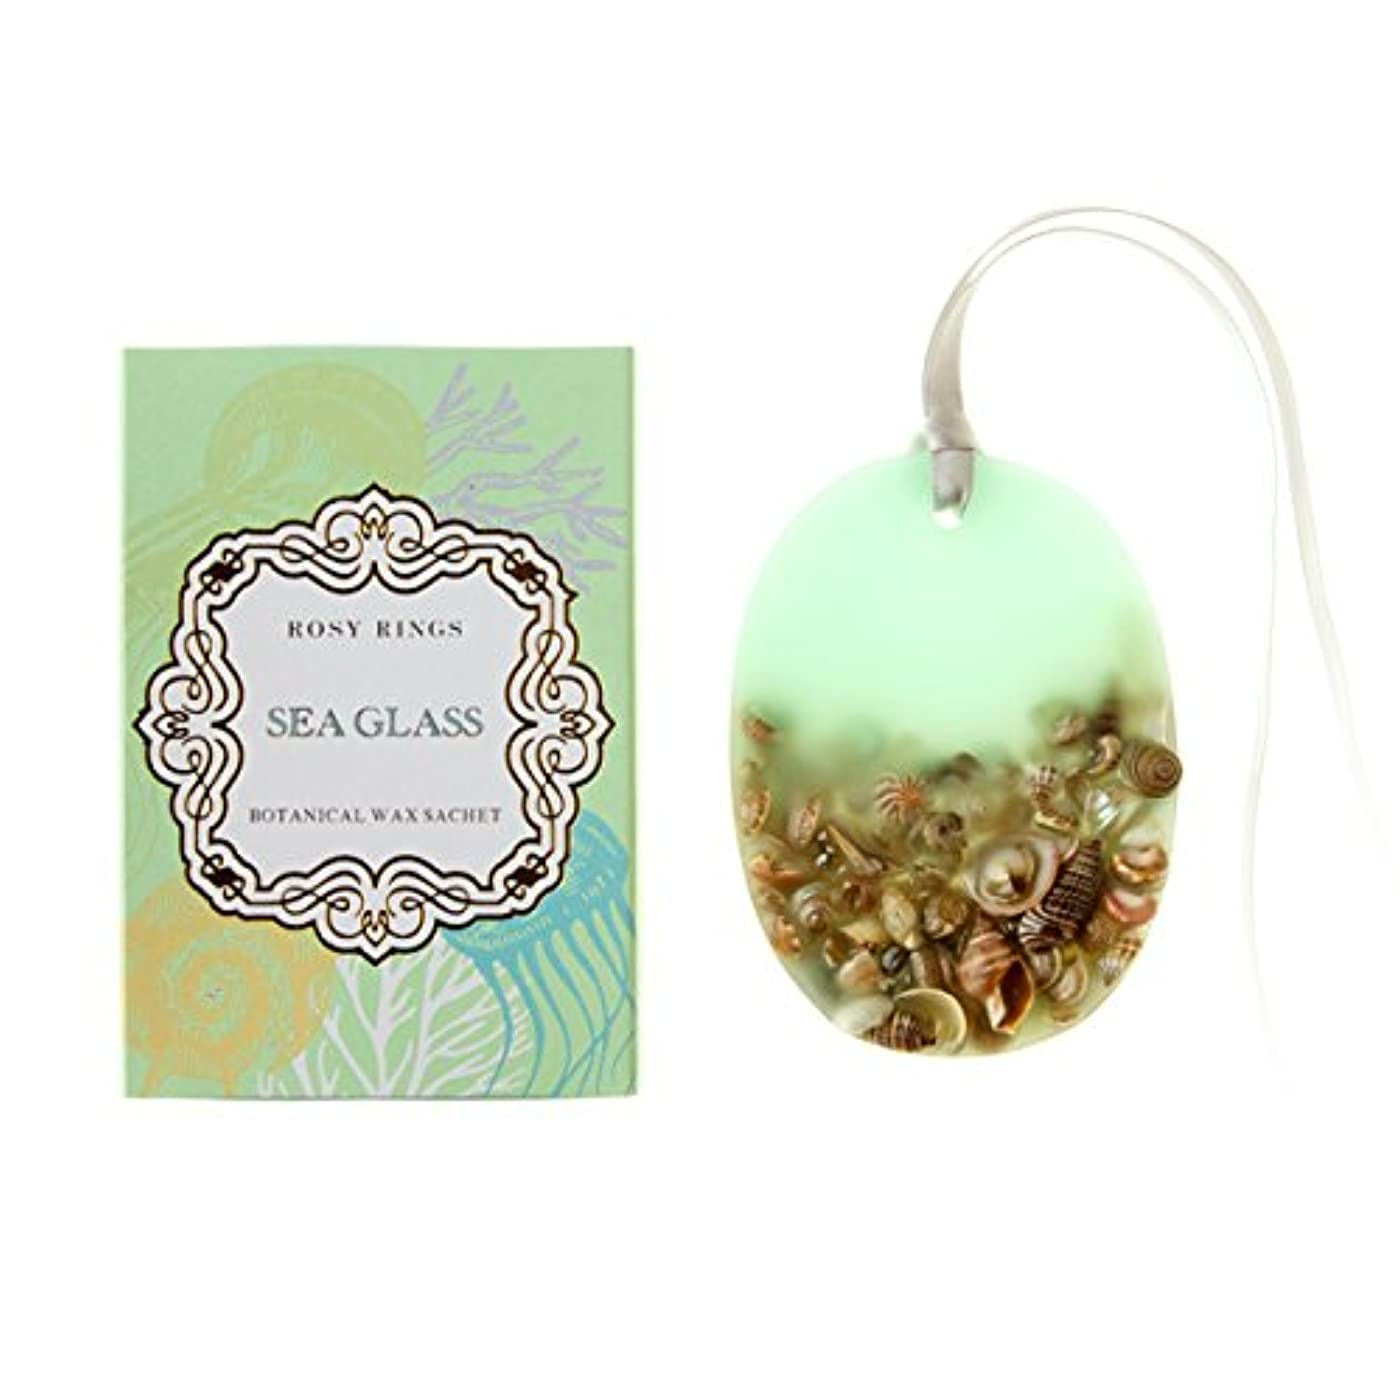 大量カイウスカニロージーリングス プティボタニカルサシェ シーグラス ROSY RINGS Petite Oval Botanical Wax Sachet Sea Glass